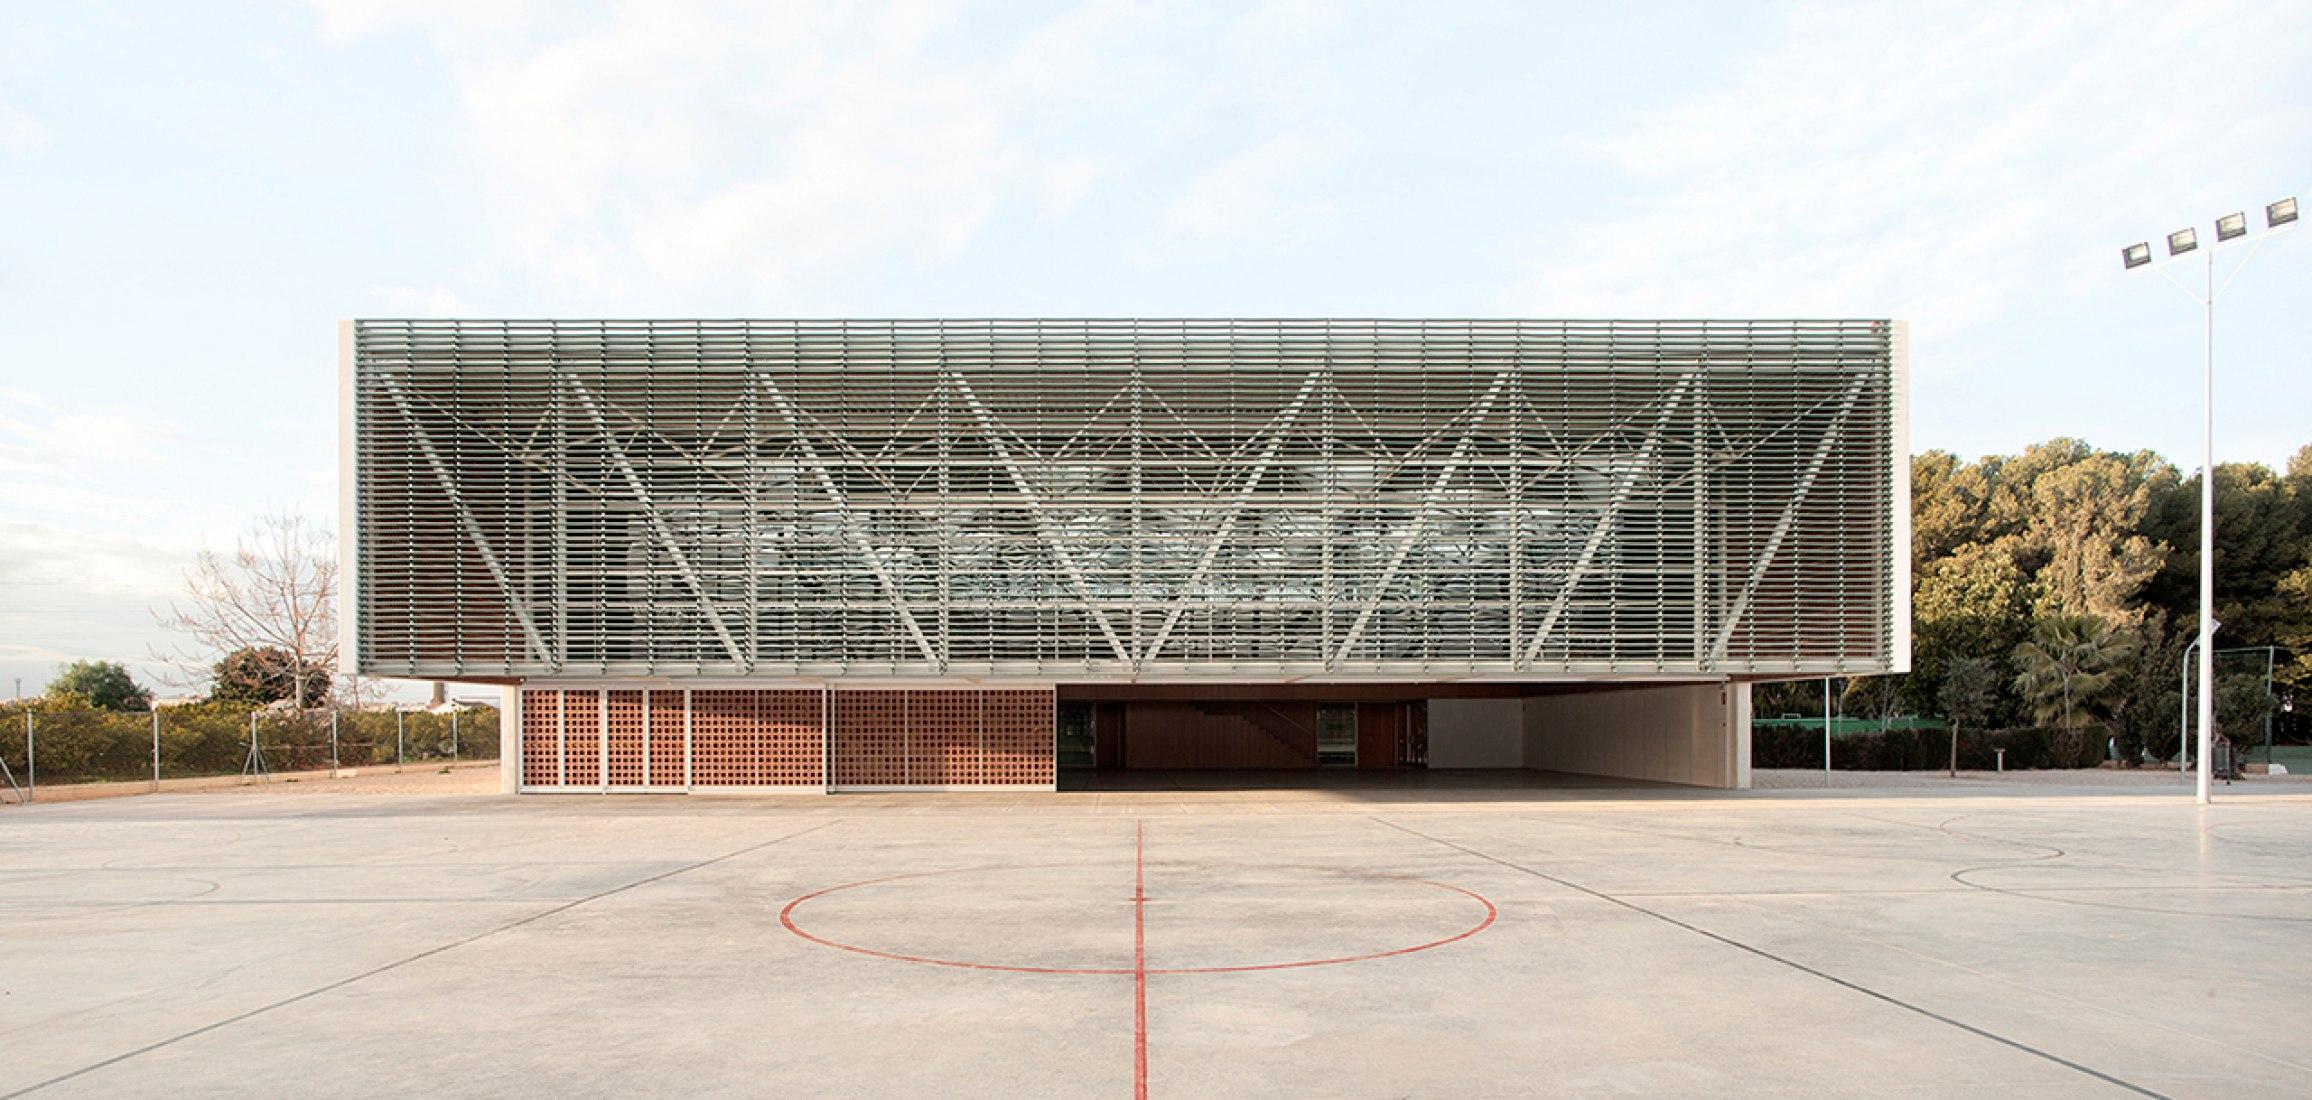 Imagen de la fachada. Escola Gavina por Arturo Sanz & Carmel Gradolí. Fotografía © Mariela Apollonio.